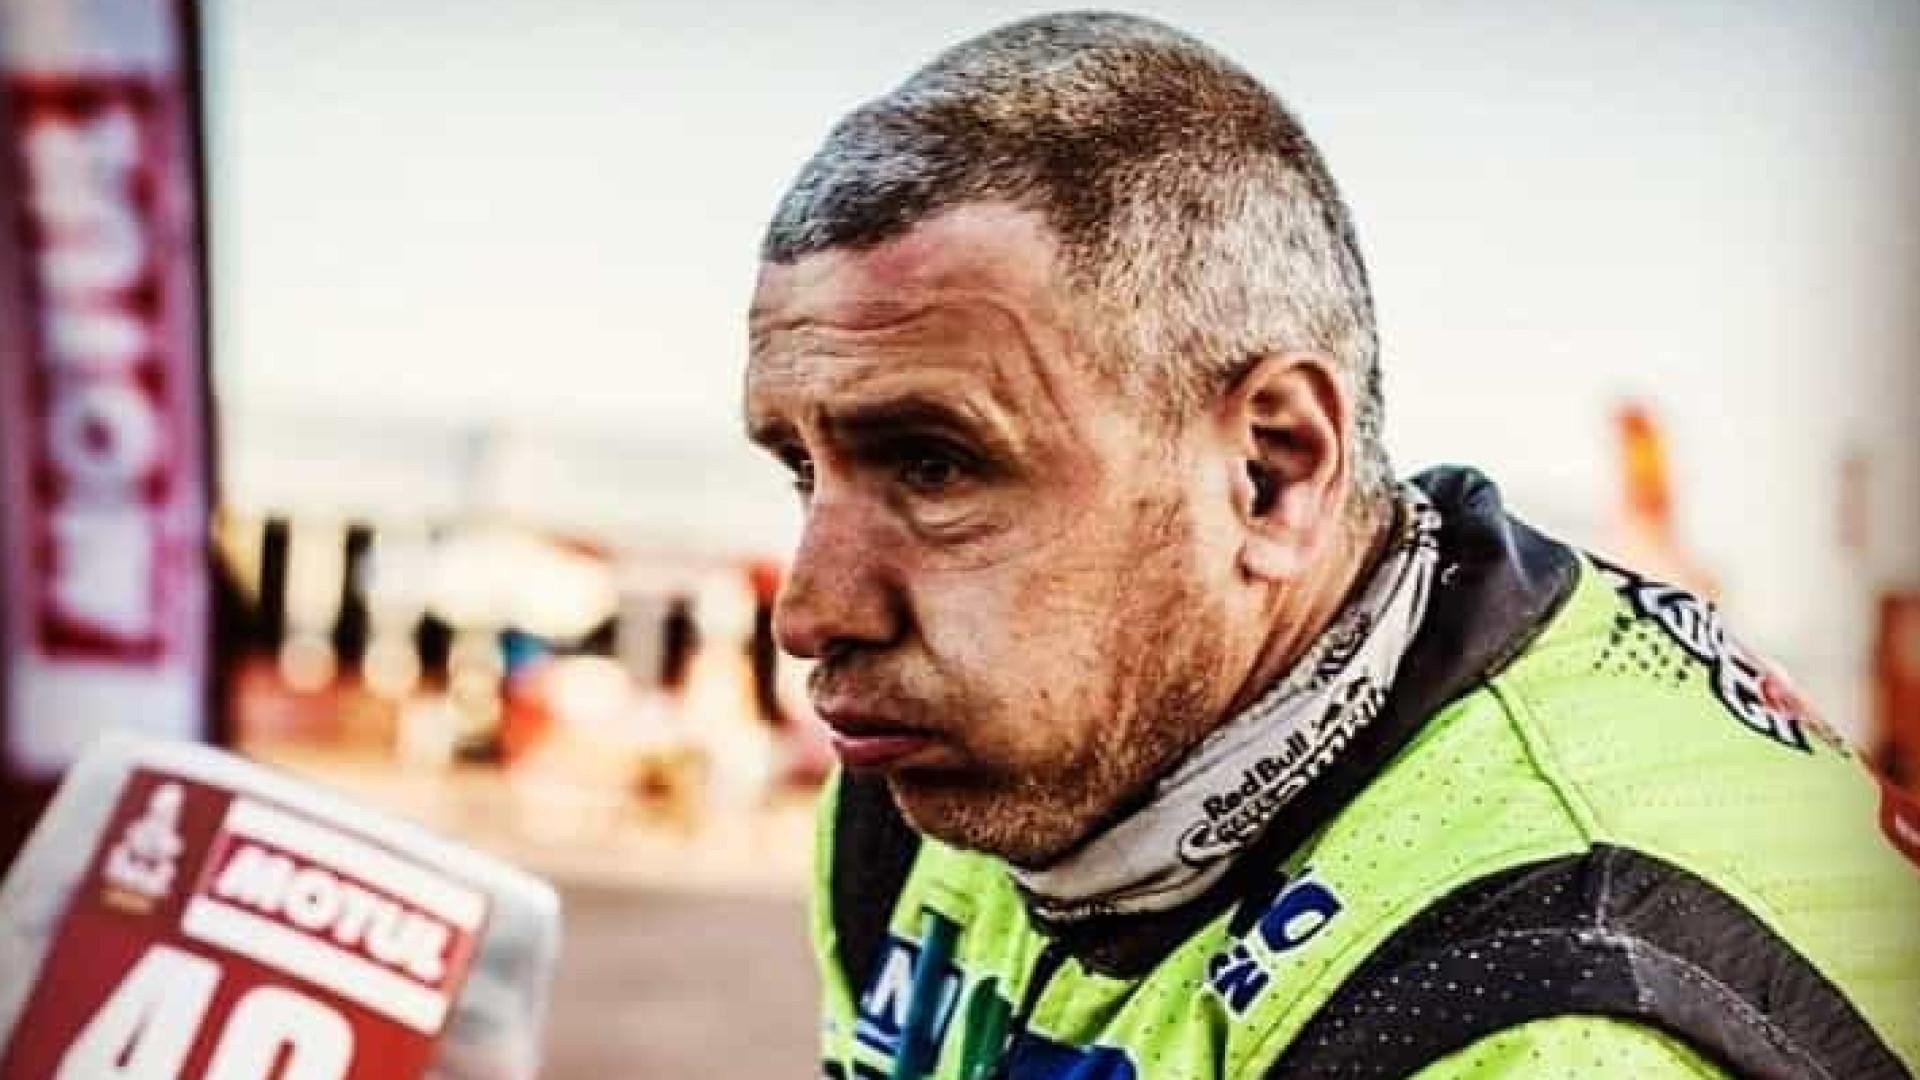 Uma semana após acidente no Dakar, Edwin Straver morre aos 48 anos